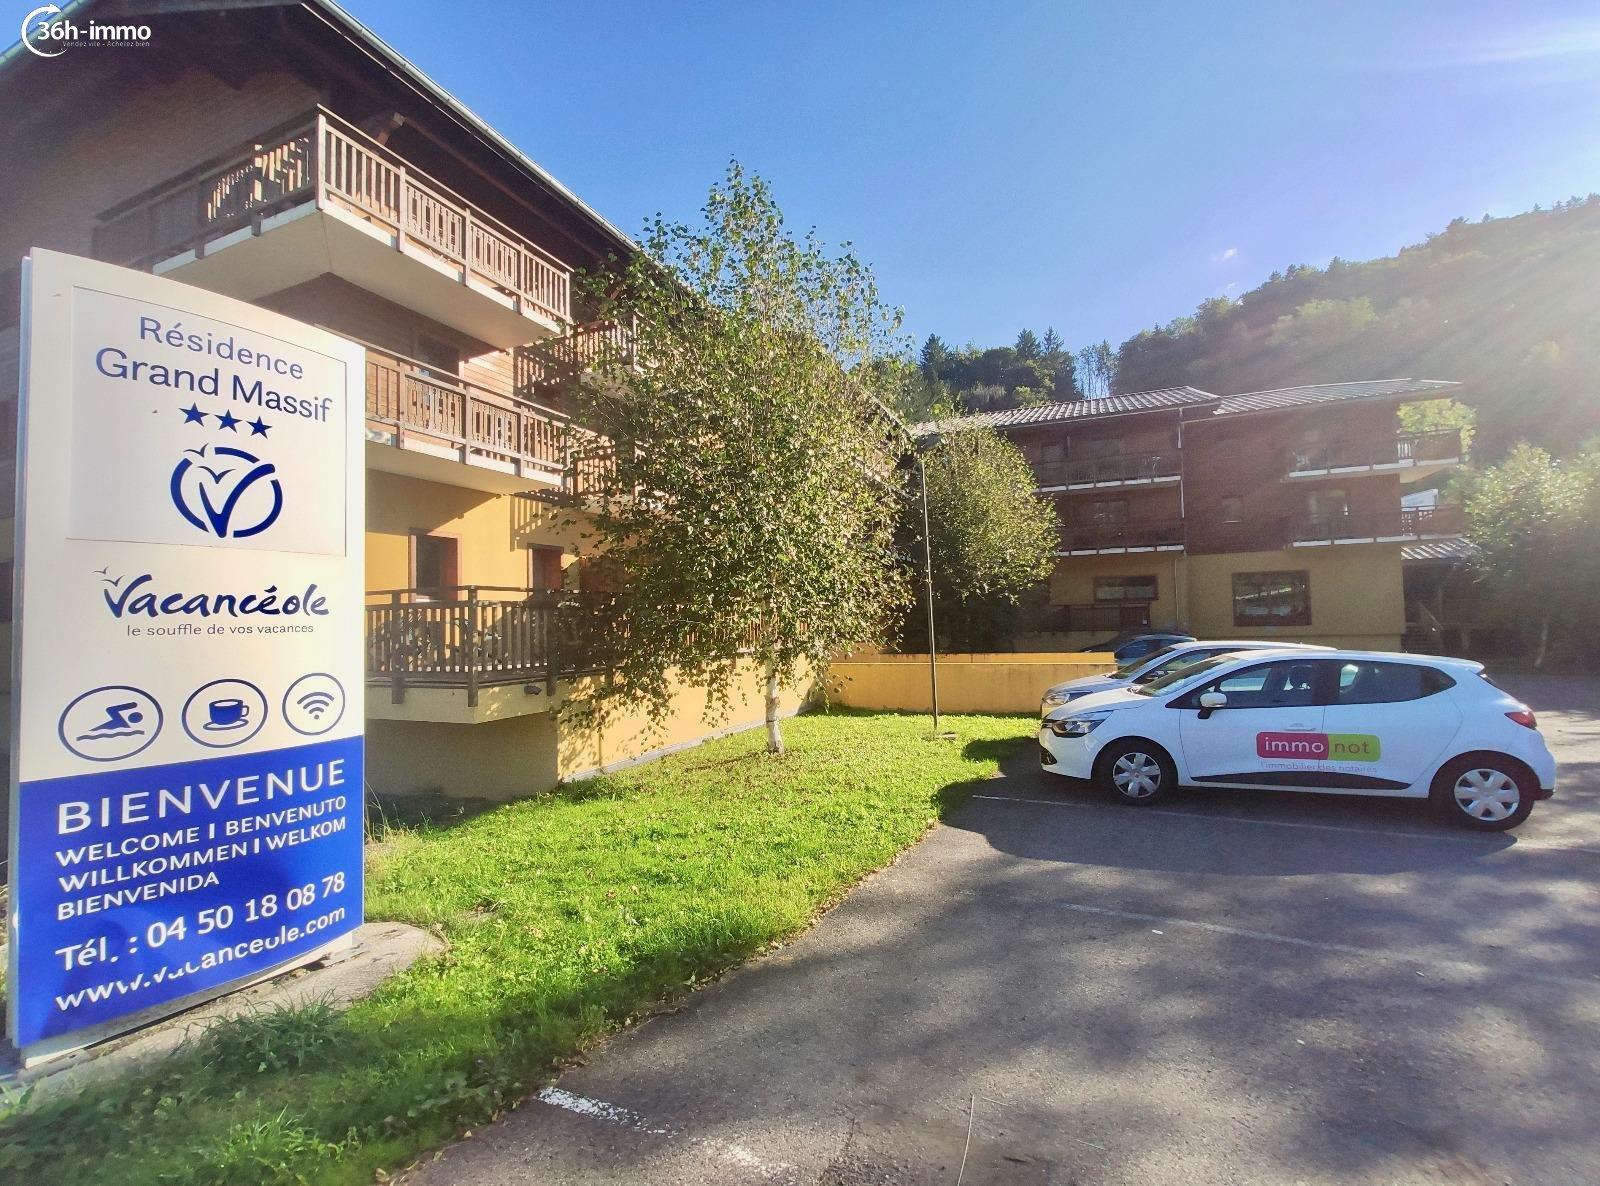 Appartement Morillon 74440 Haute-Savoie 22 m<sup>2</sup> 1 pièce 35000 euros